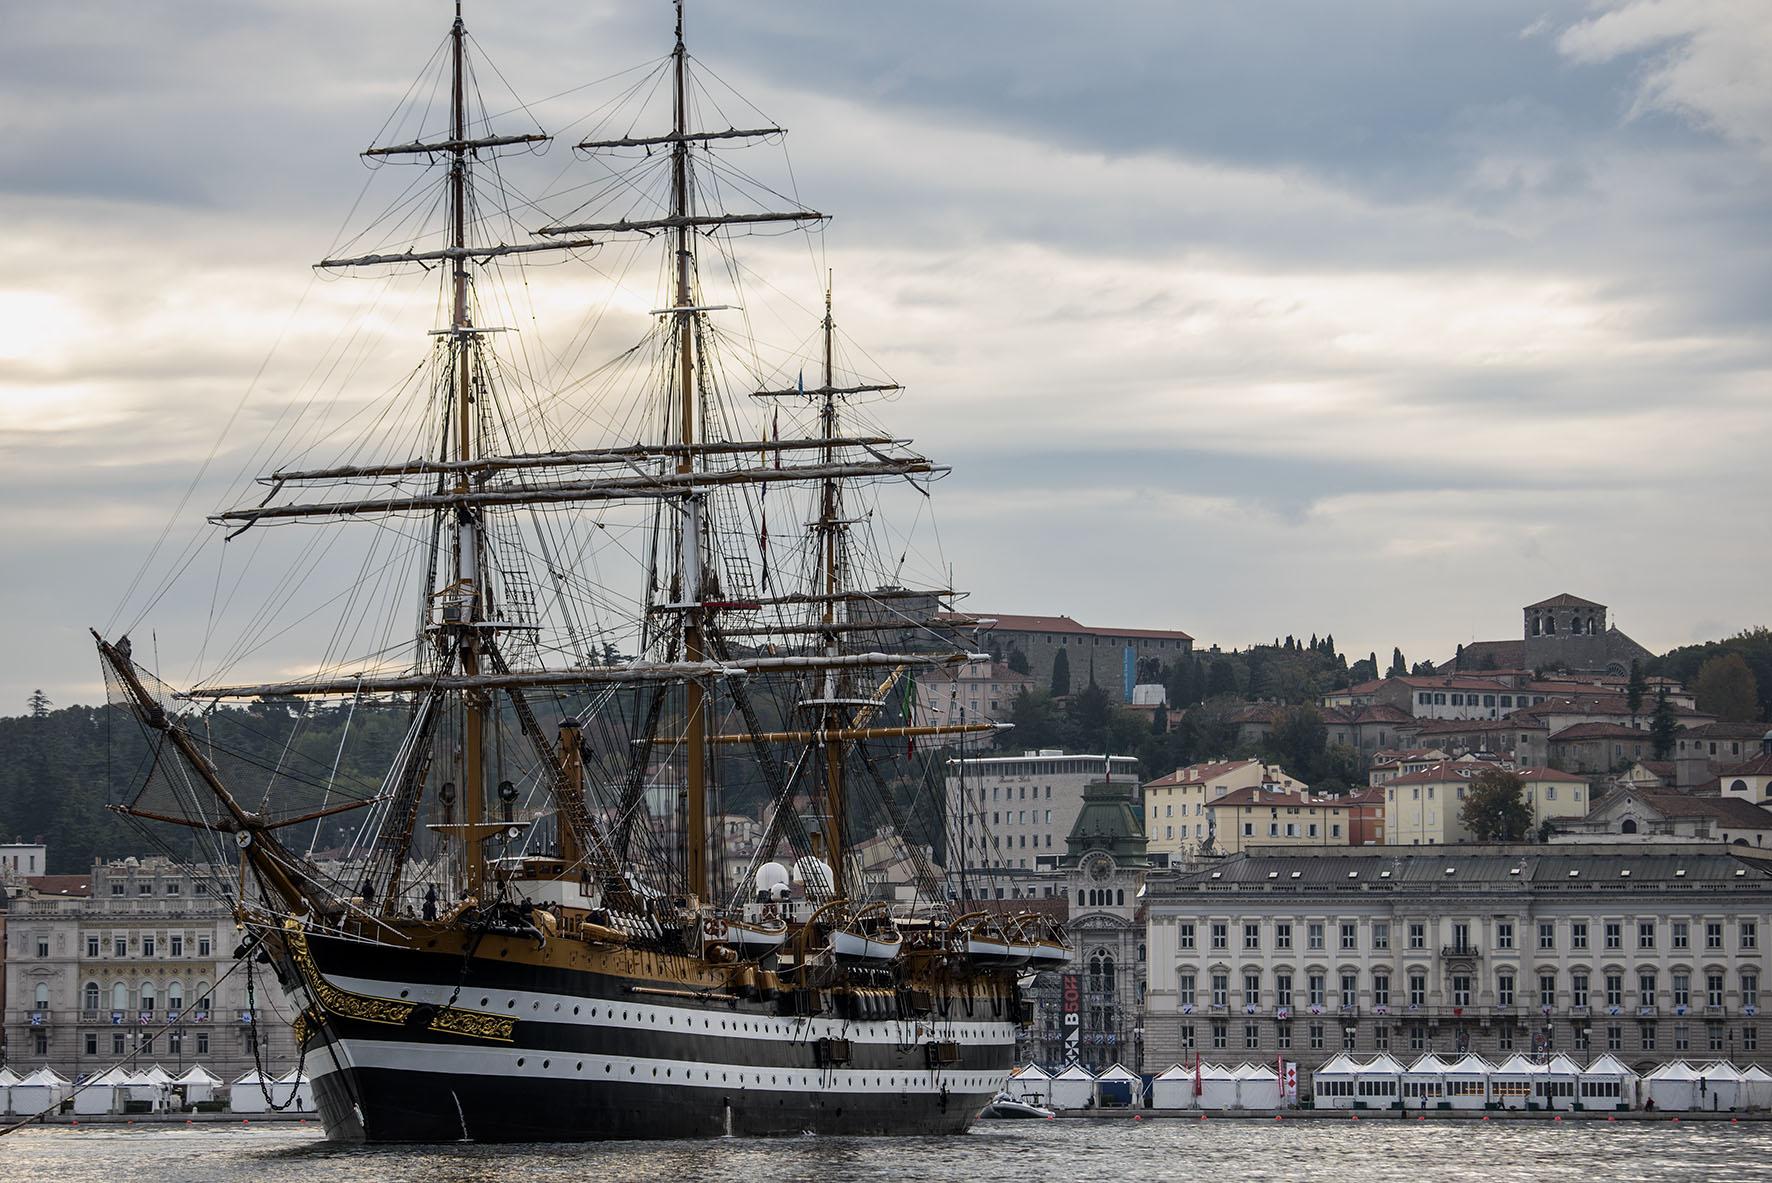 Oltre 21000 persone a bordo di nave Amerigo Vespucci a Trieste durante la  Barcolana